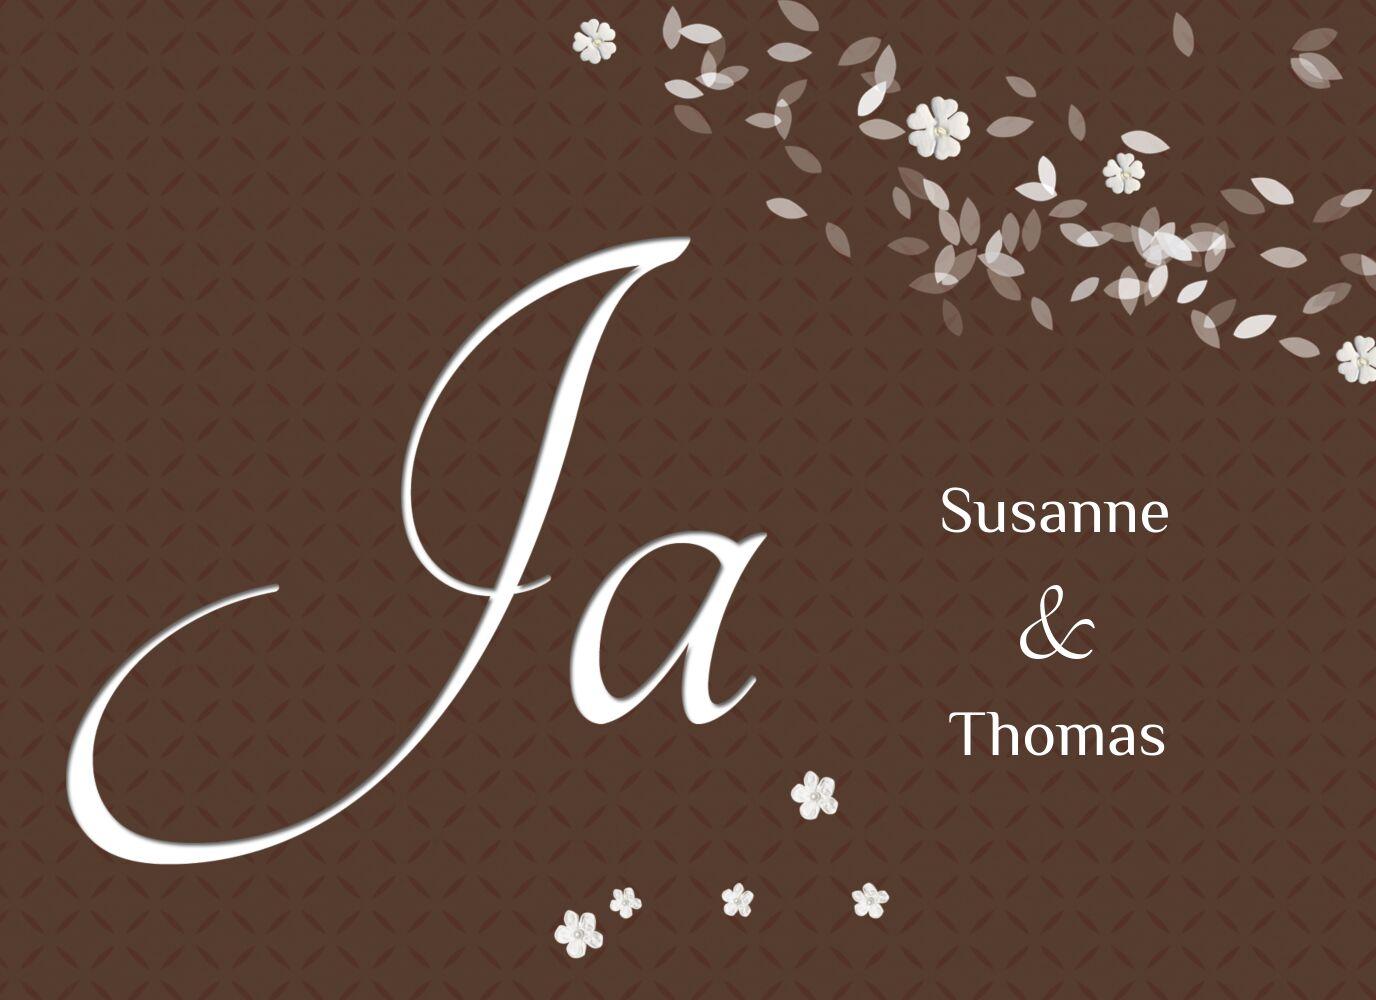 Ansicht 3 - Hochzeit Einladung romantic flower